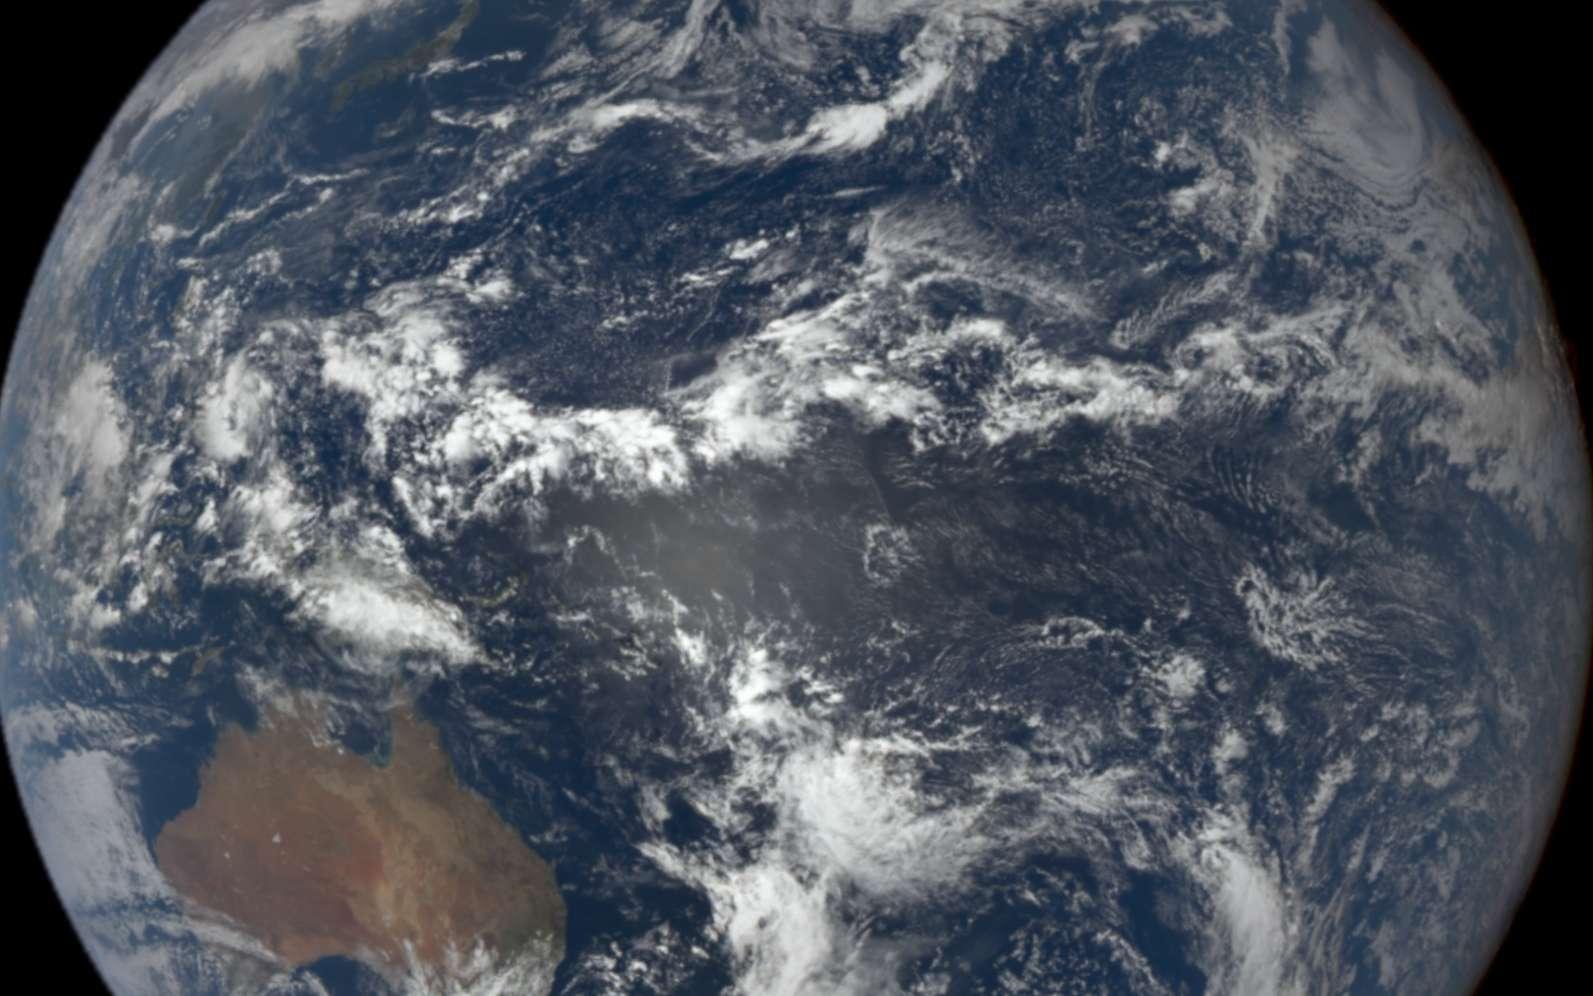 Des chercheurs avancent qu'une diminution de la couverture nuageuse est à l'origine d'une diminution de l'albédo de notre Planète. © Nasa, DSCOVR